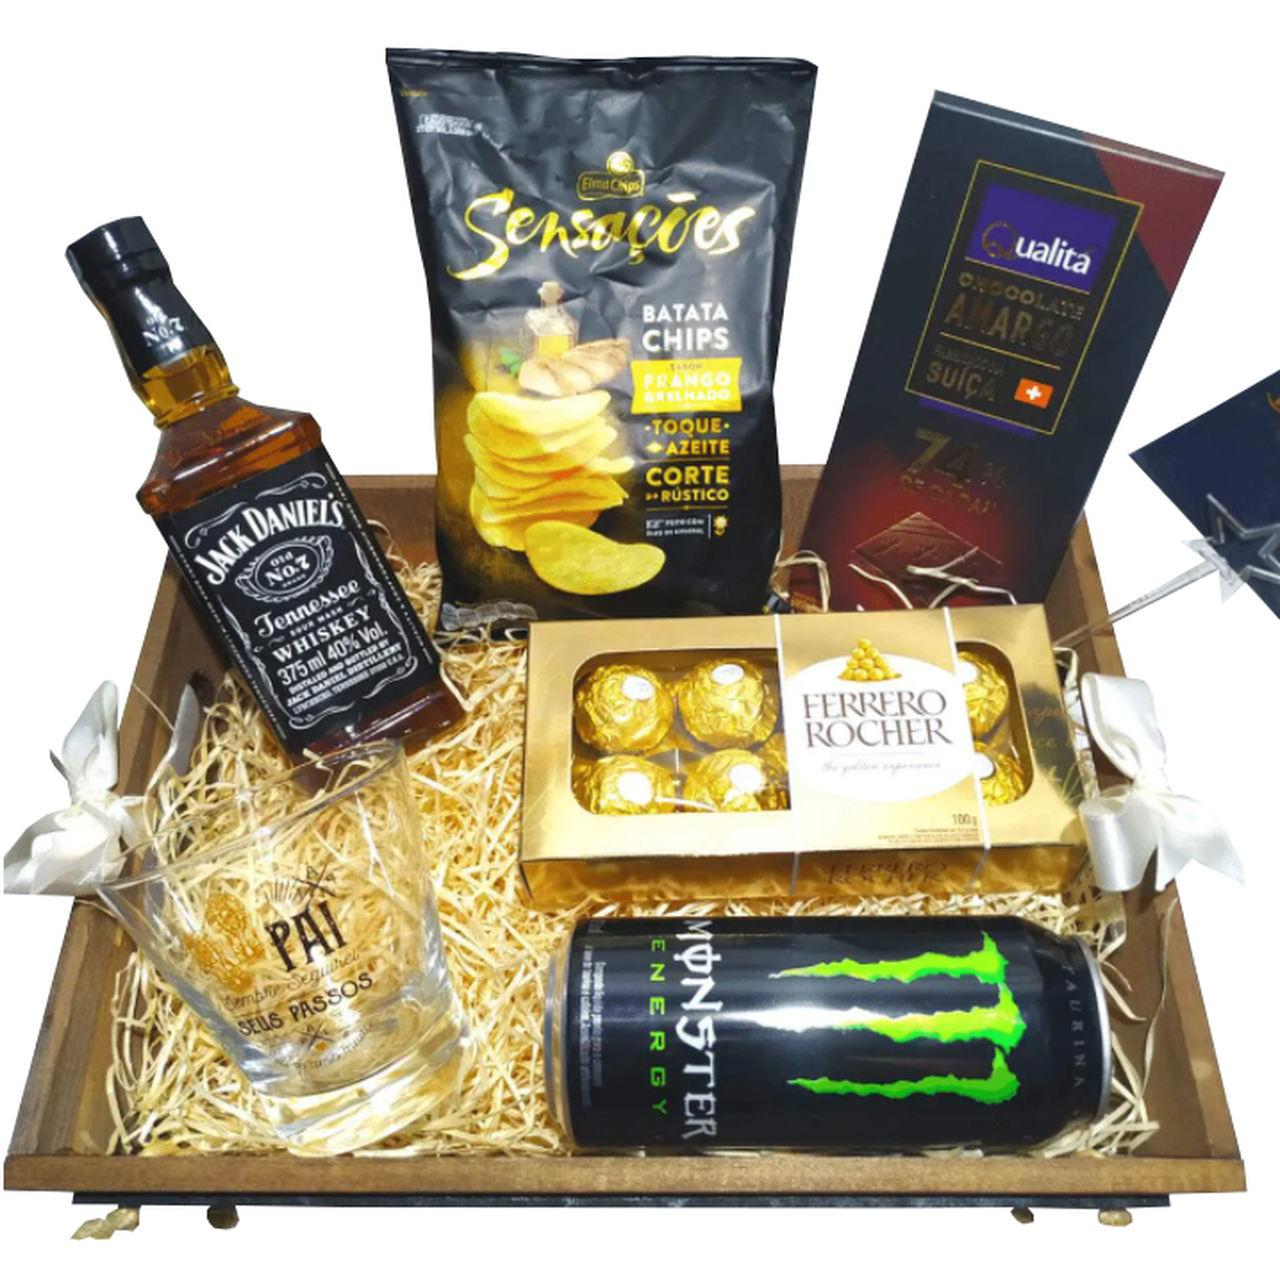 Bandeja (lousa) com Whisky Jack Daniels, Energético e Chocolates